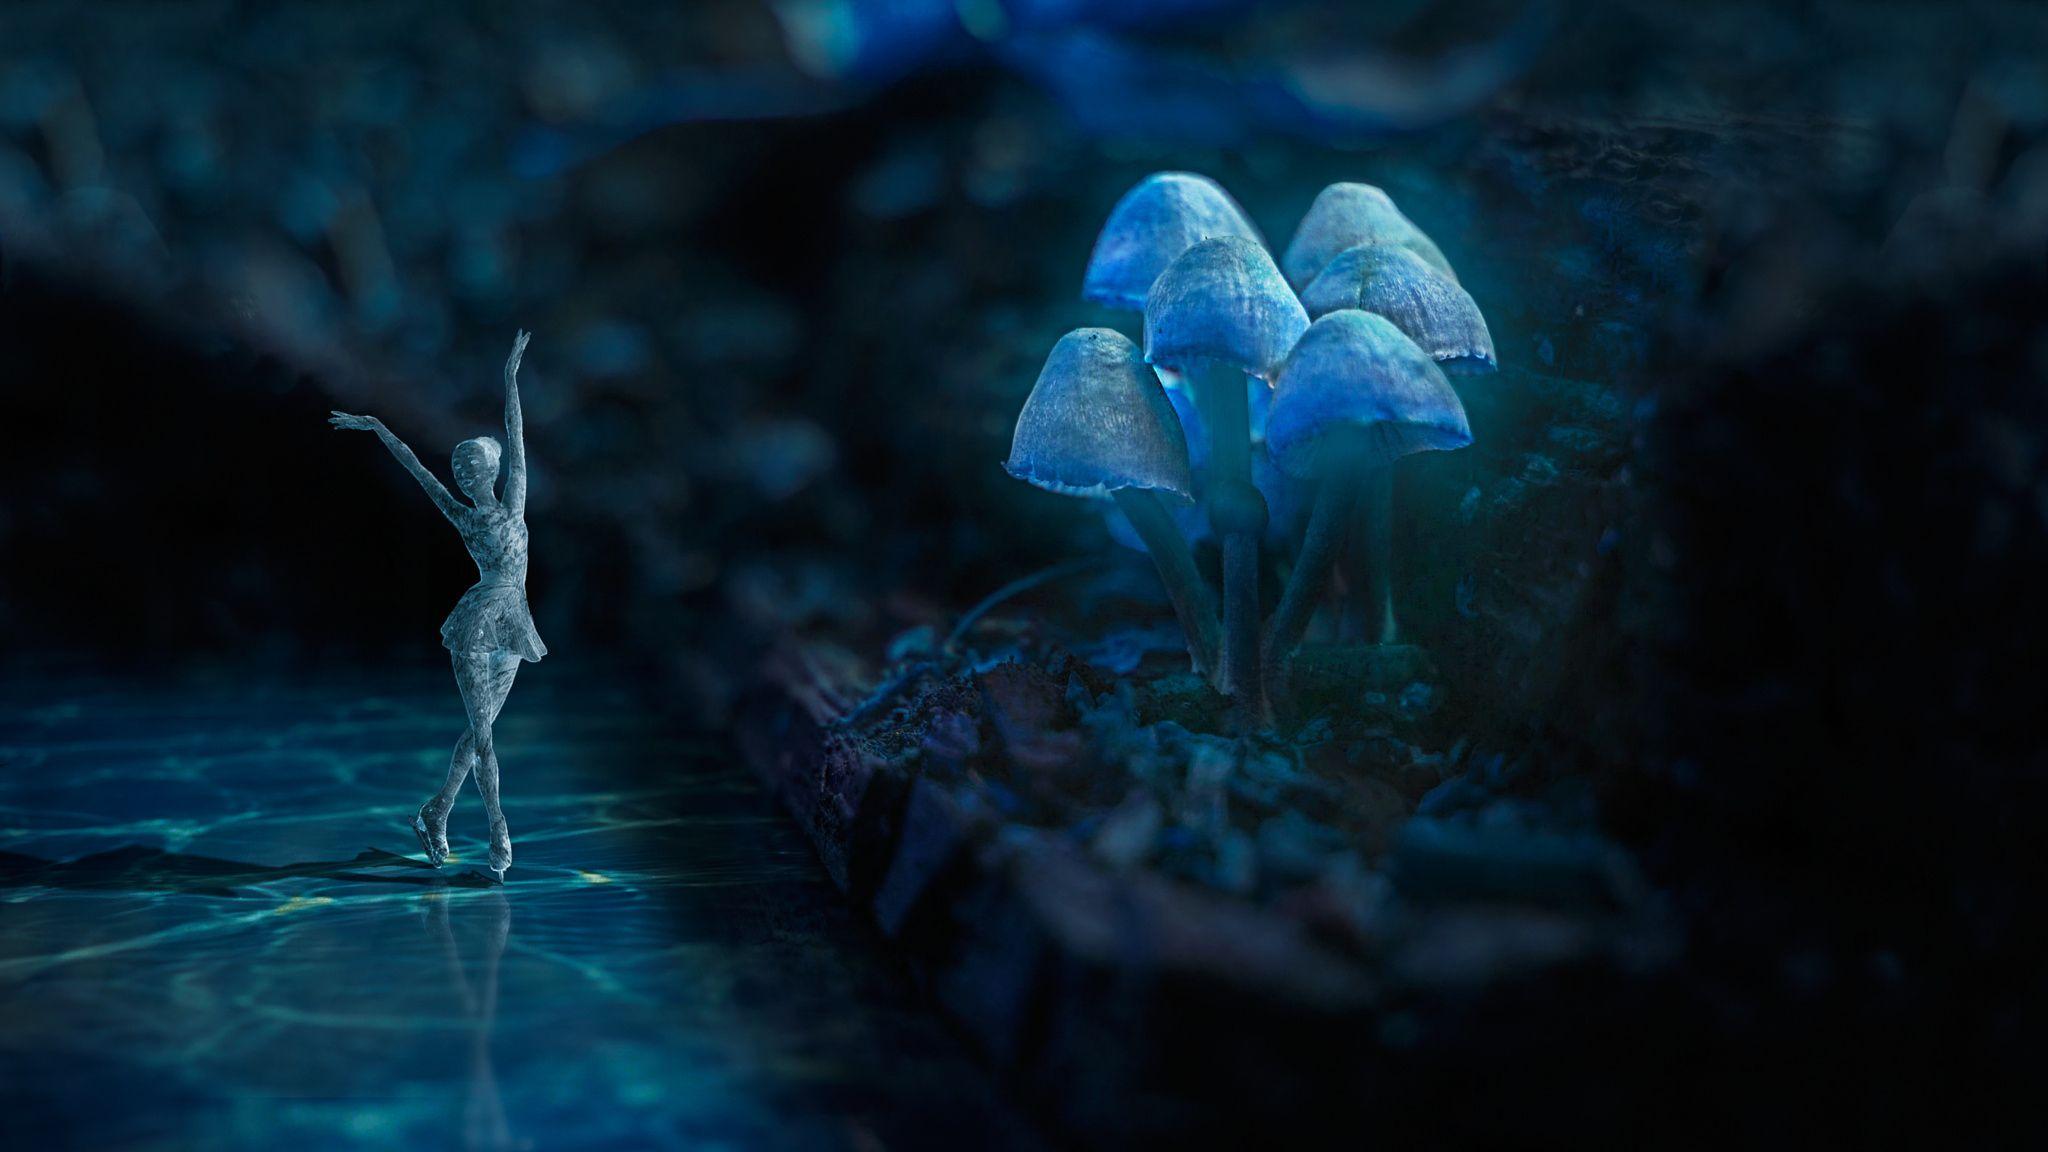 Little Ice Princess - null